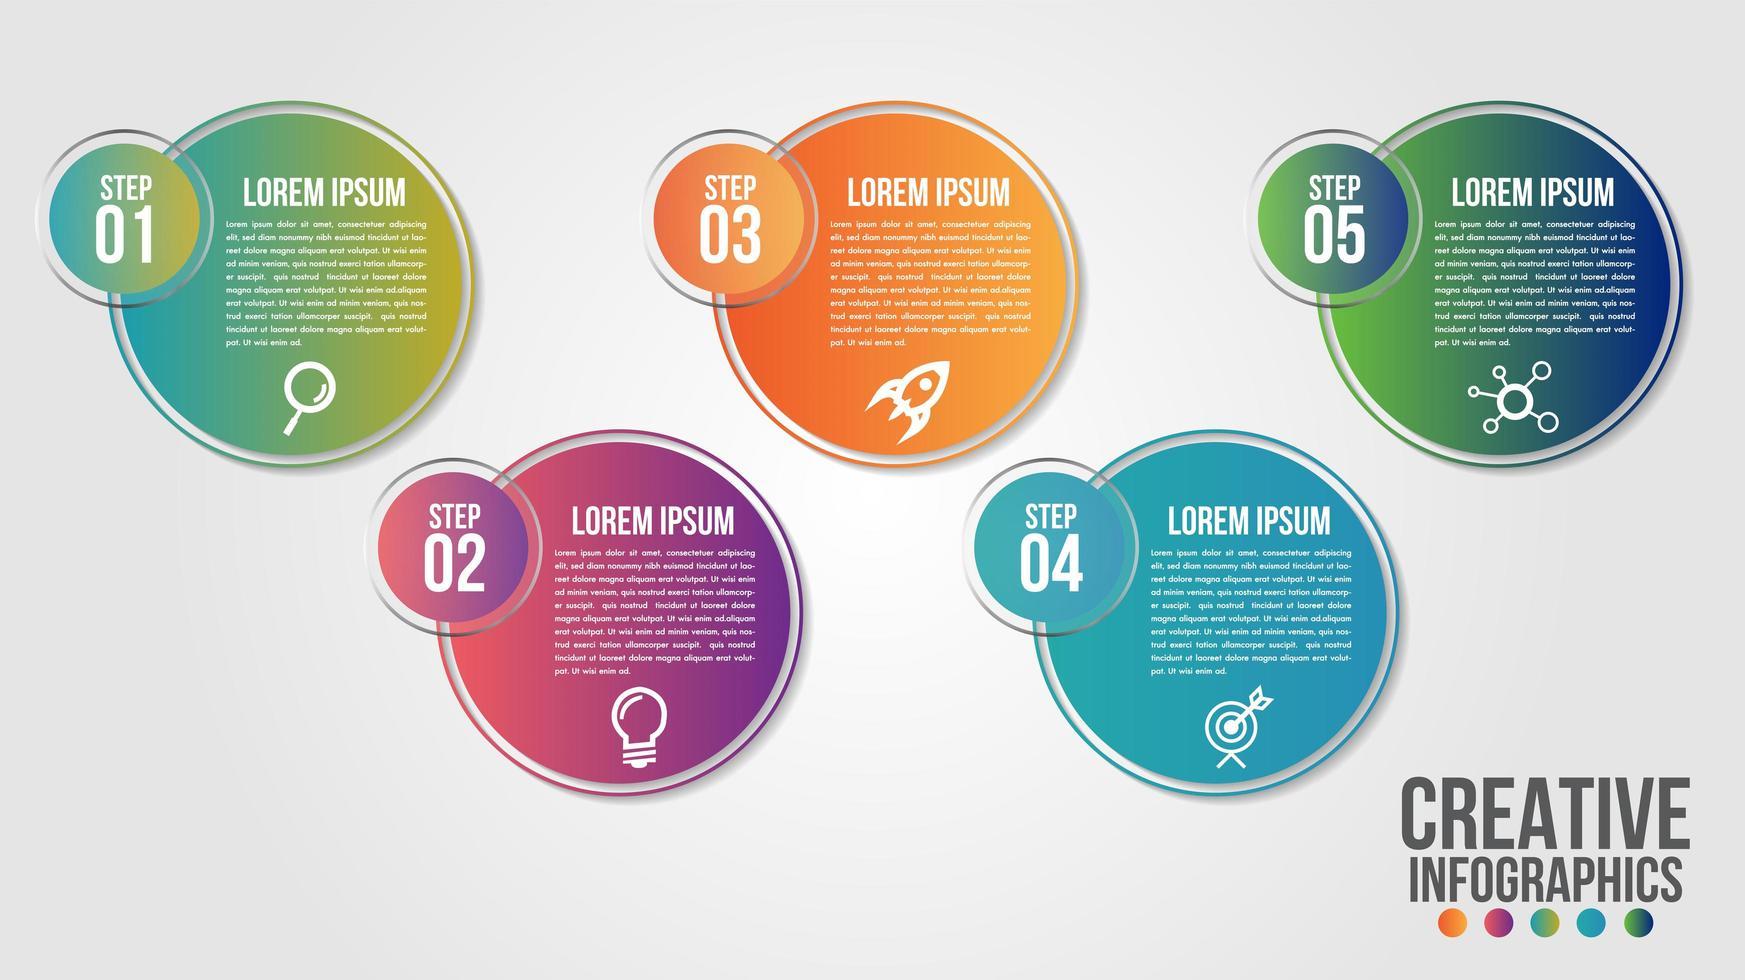 Círculo en círculo 5 pasos gradiente infografía vector